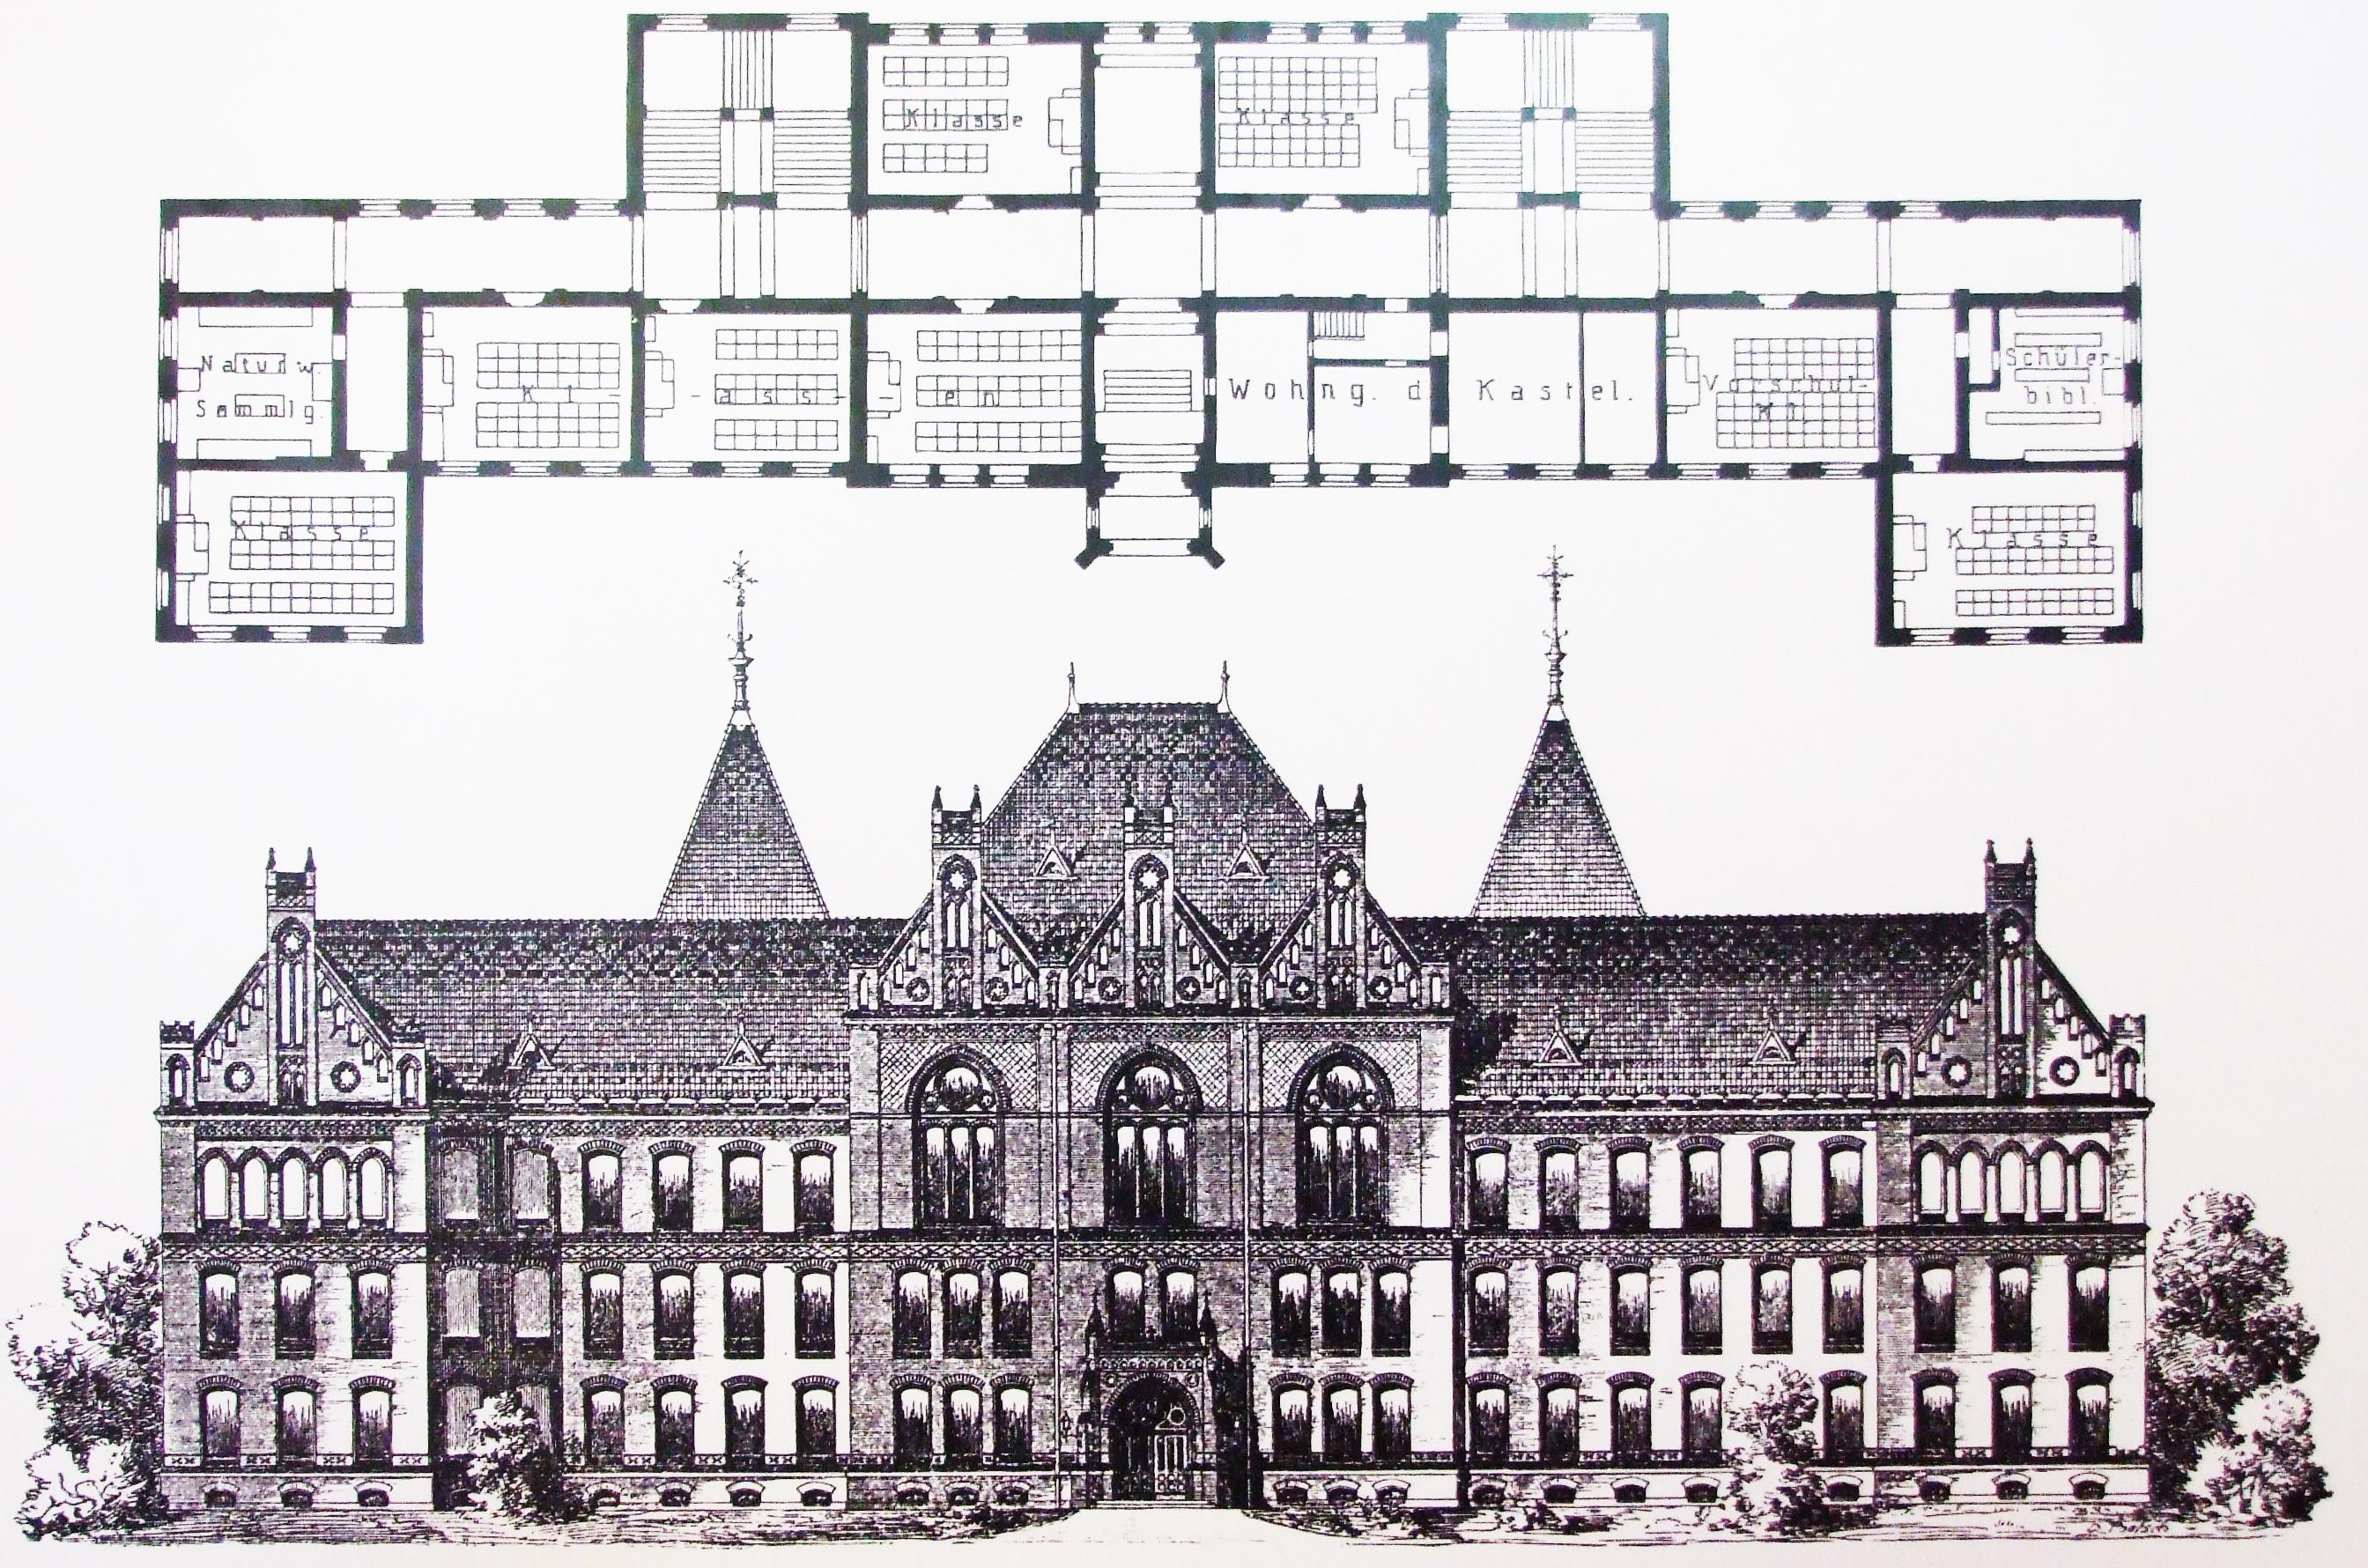 _berlin schöneberg 1893 historizáló szimmetrikus